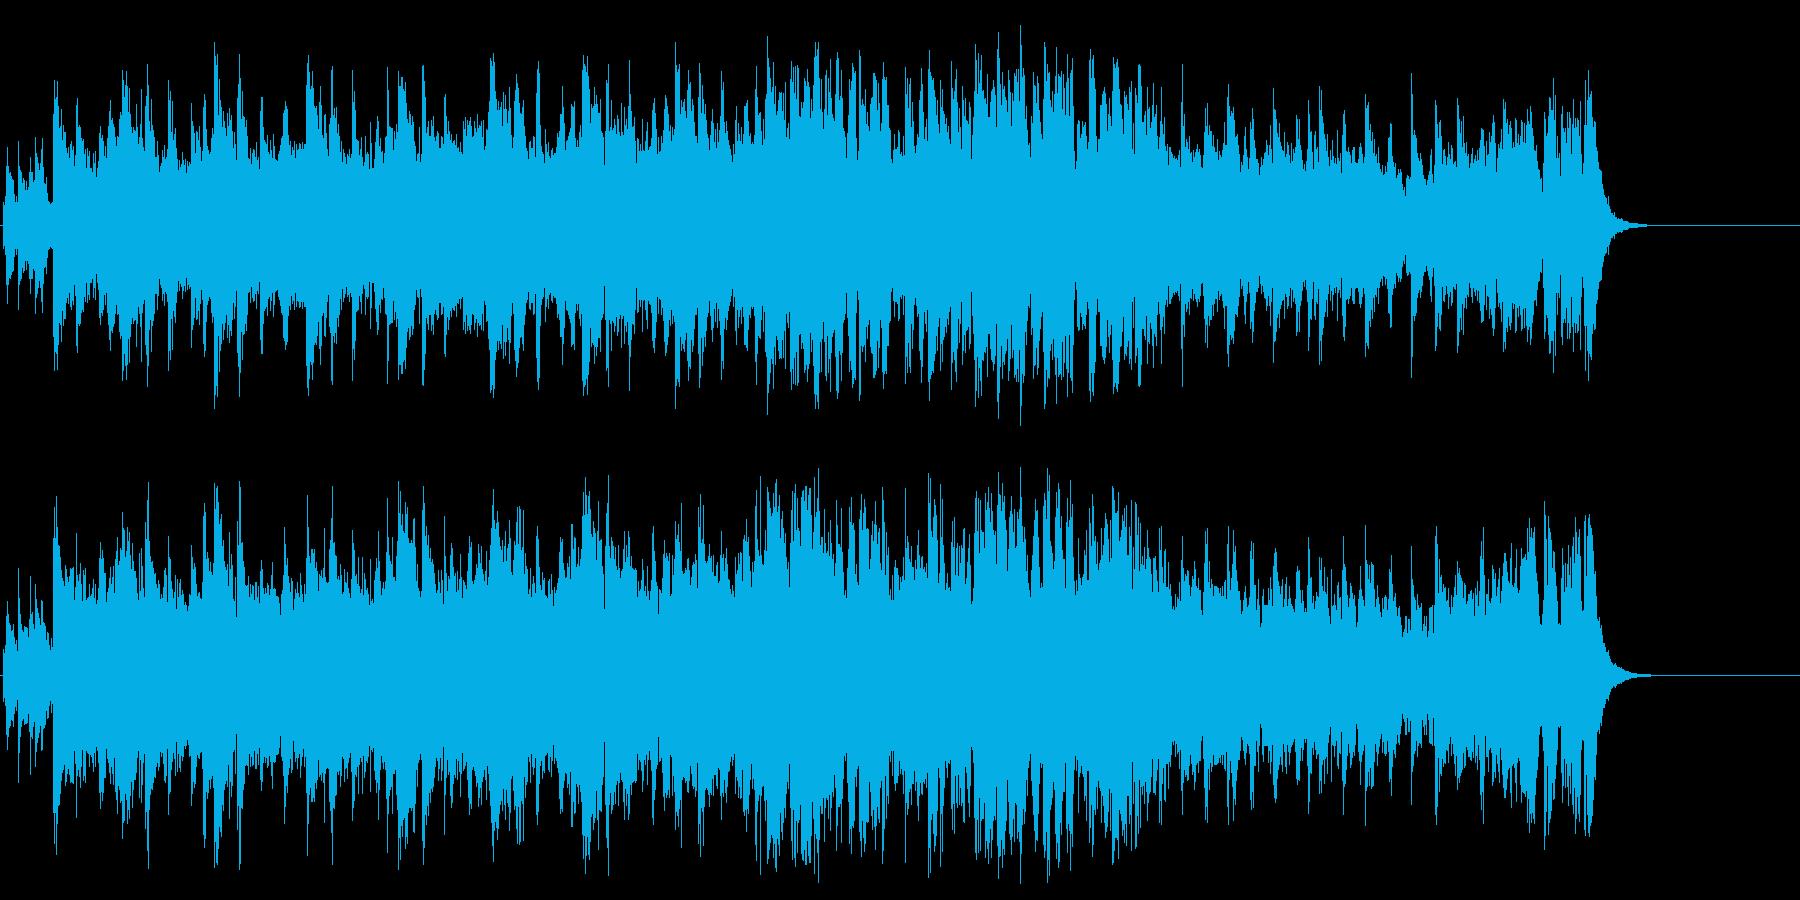 重厚な大胆さが新鮮なエレクトリックポップの再生済みの波形